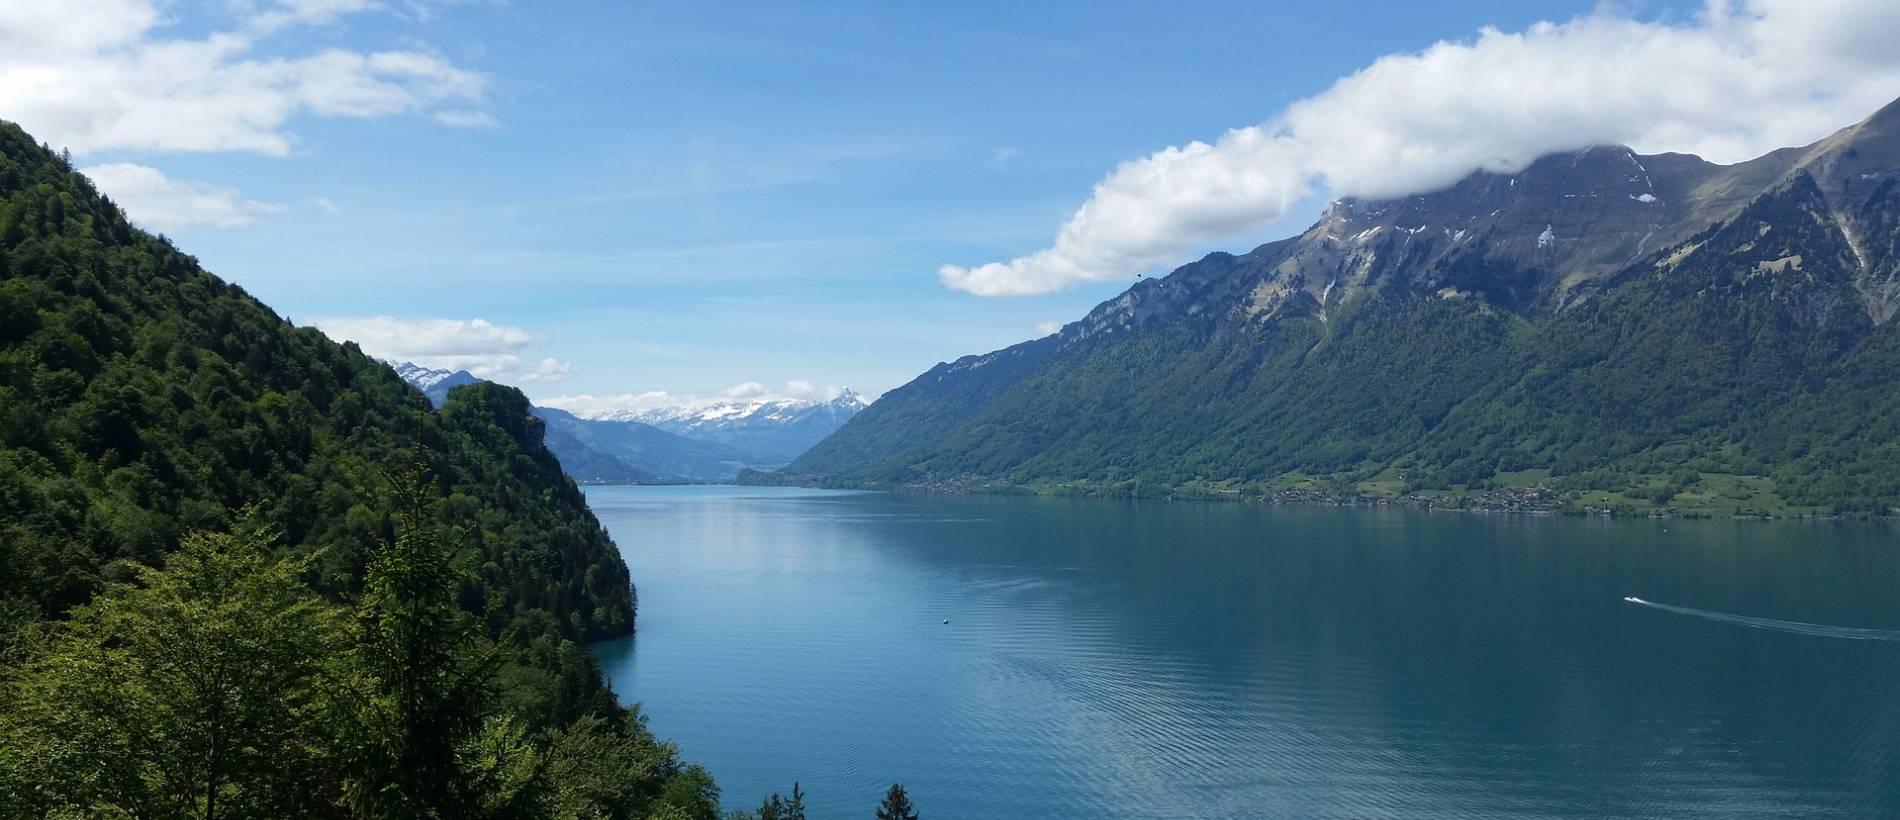 คู่มือ ท่องเที่ยว สวิสเซอร์แลนด์